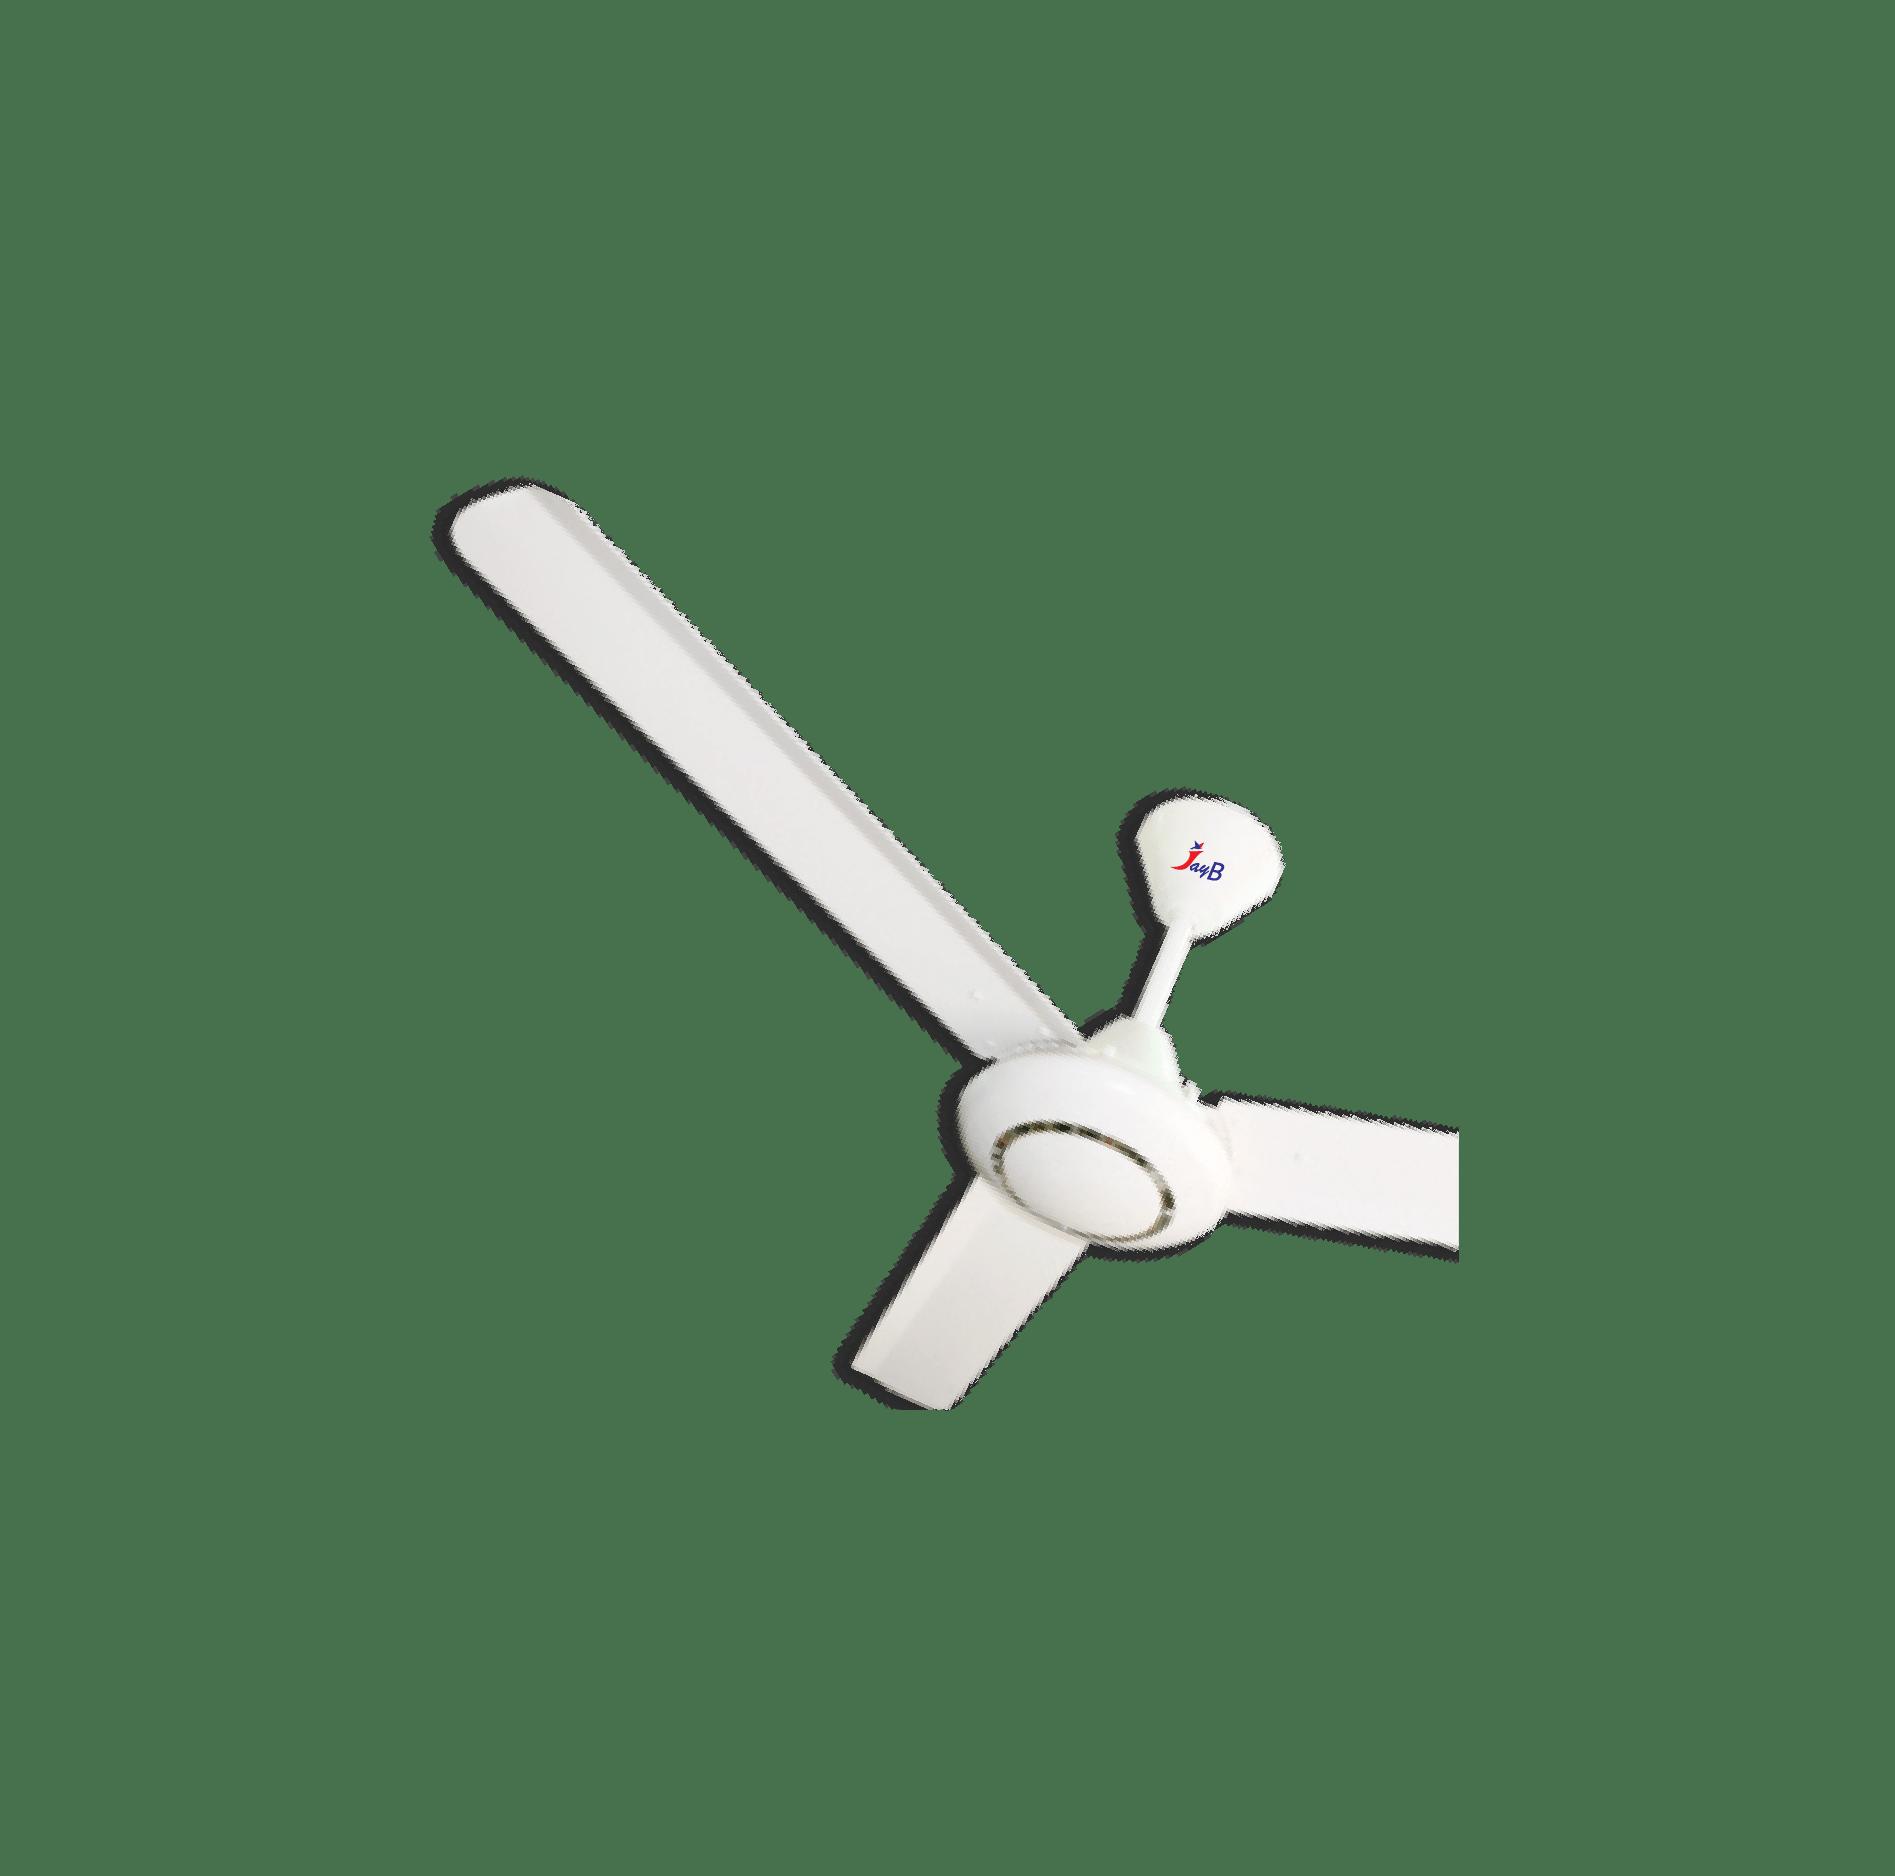 celing fan 56